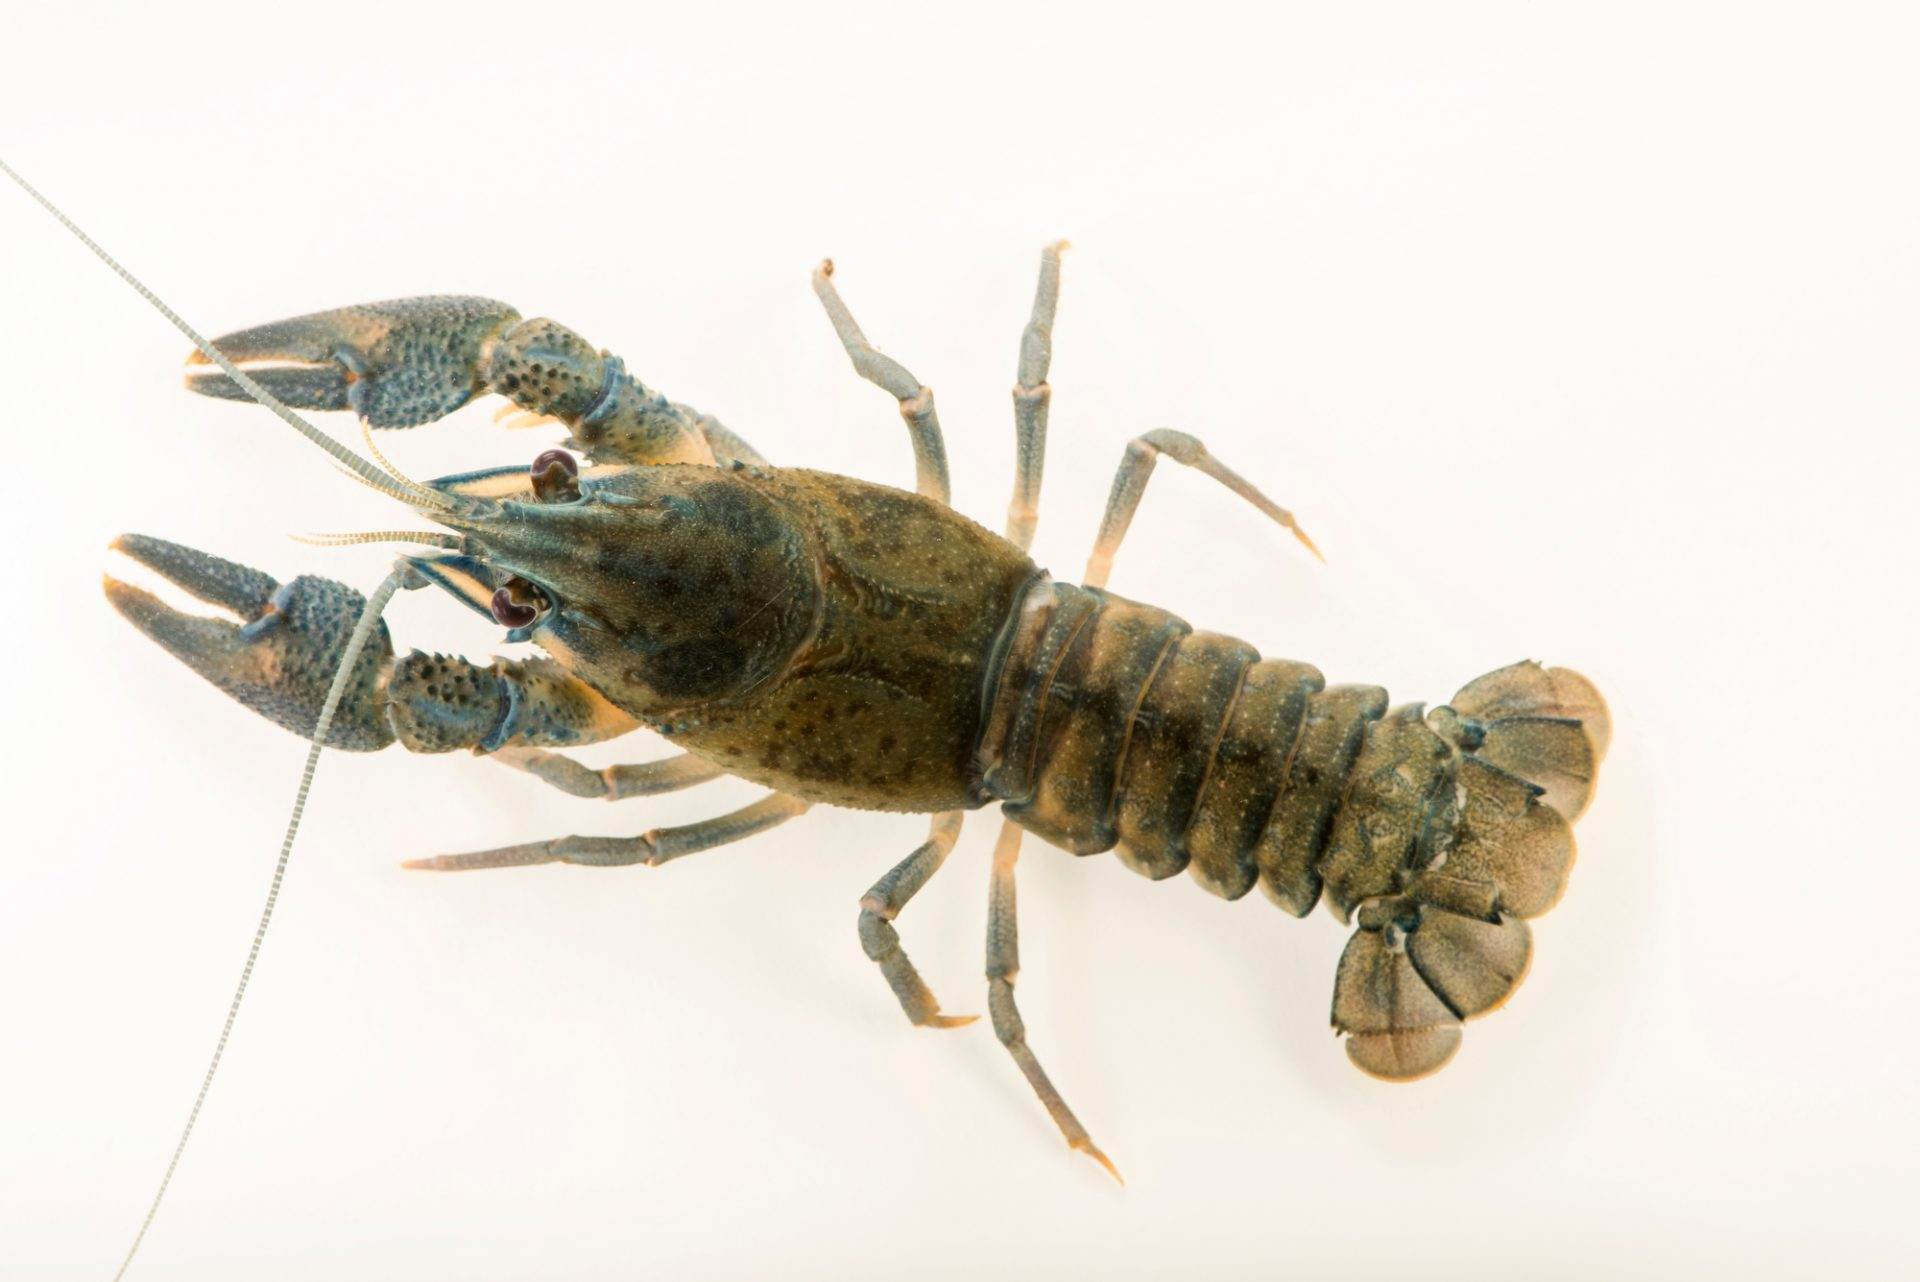 Photo: European crayfish (Astacus astacus) at Alpenzoo in Innsbruck, Austria.